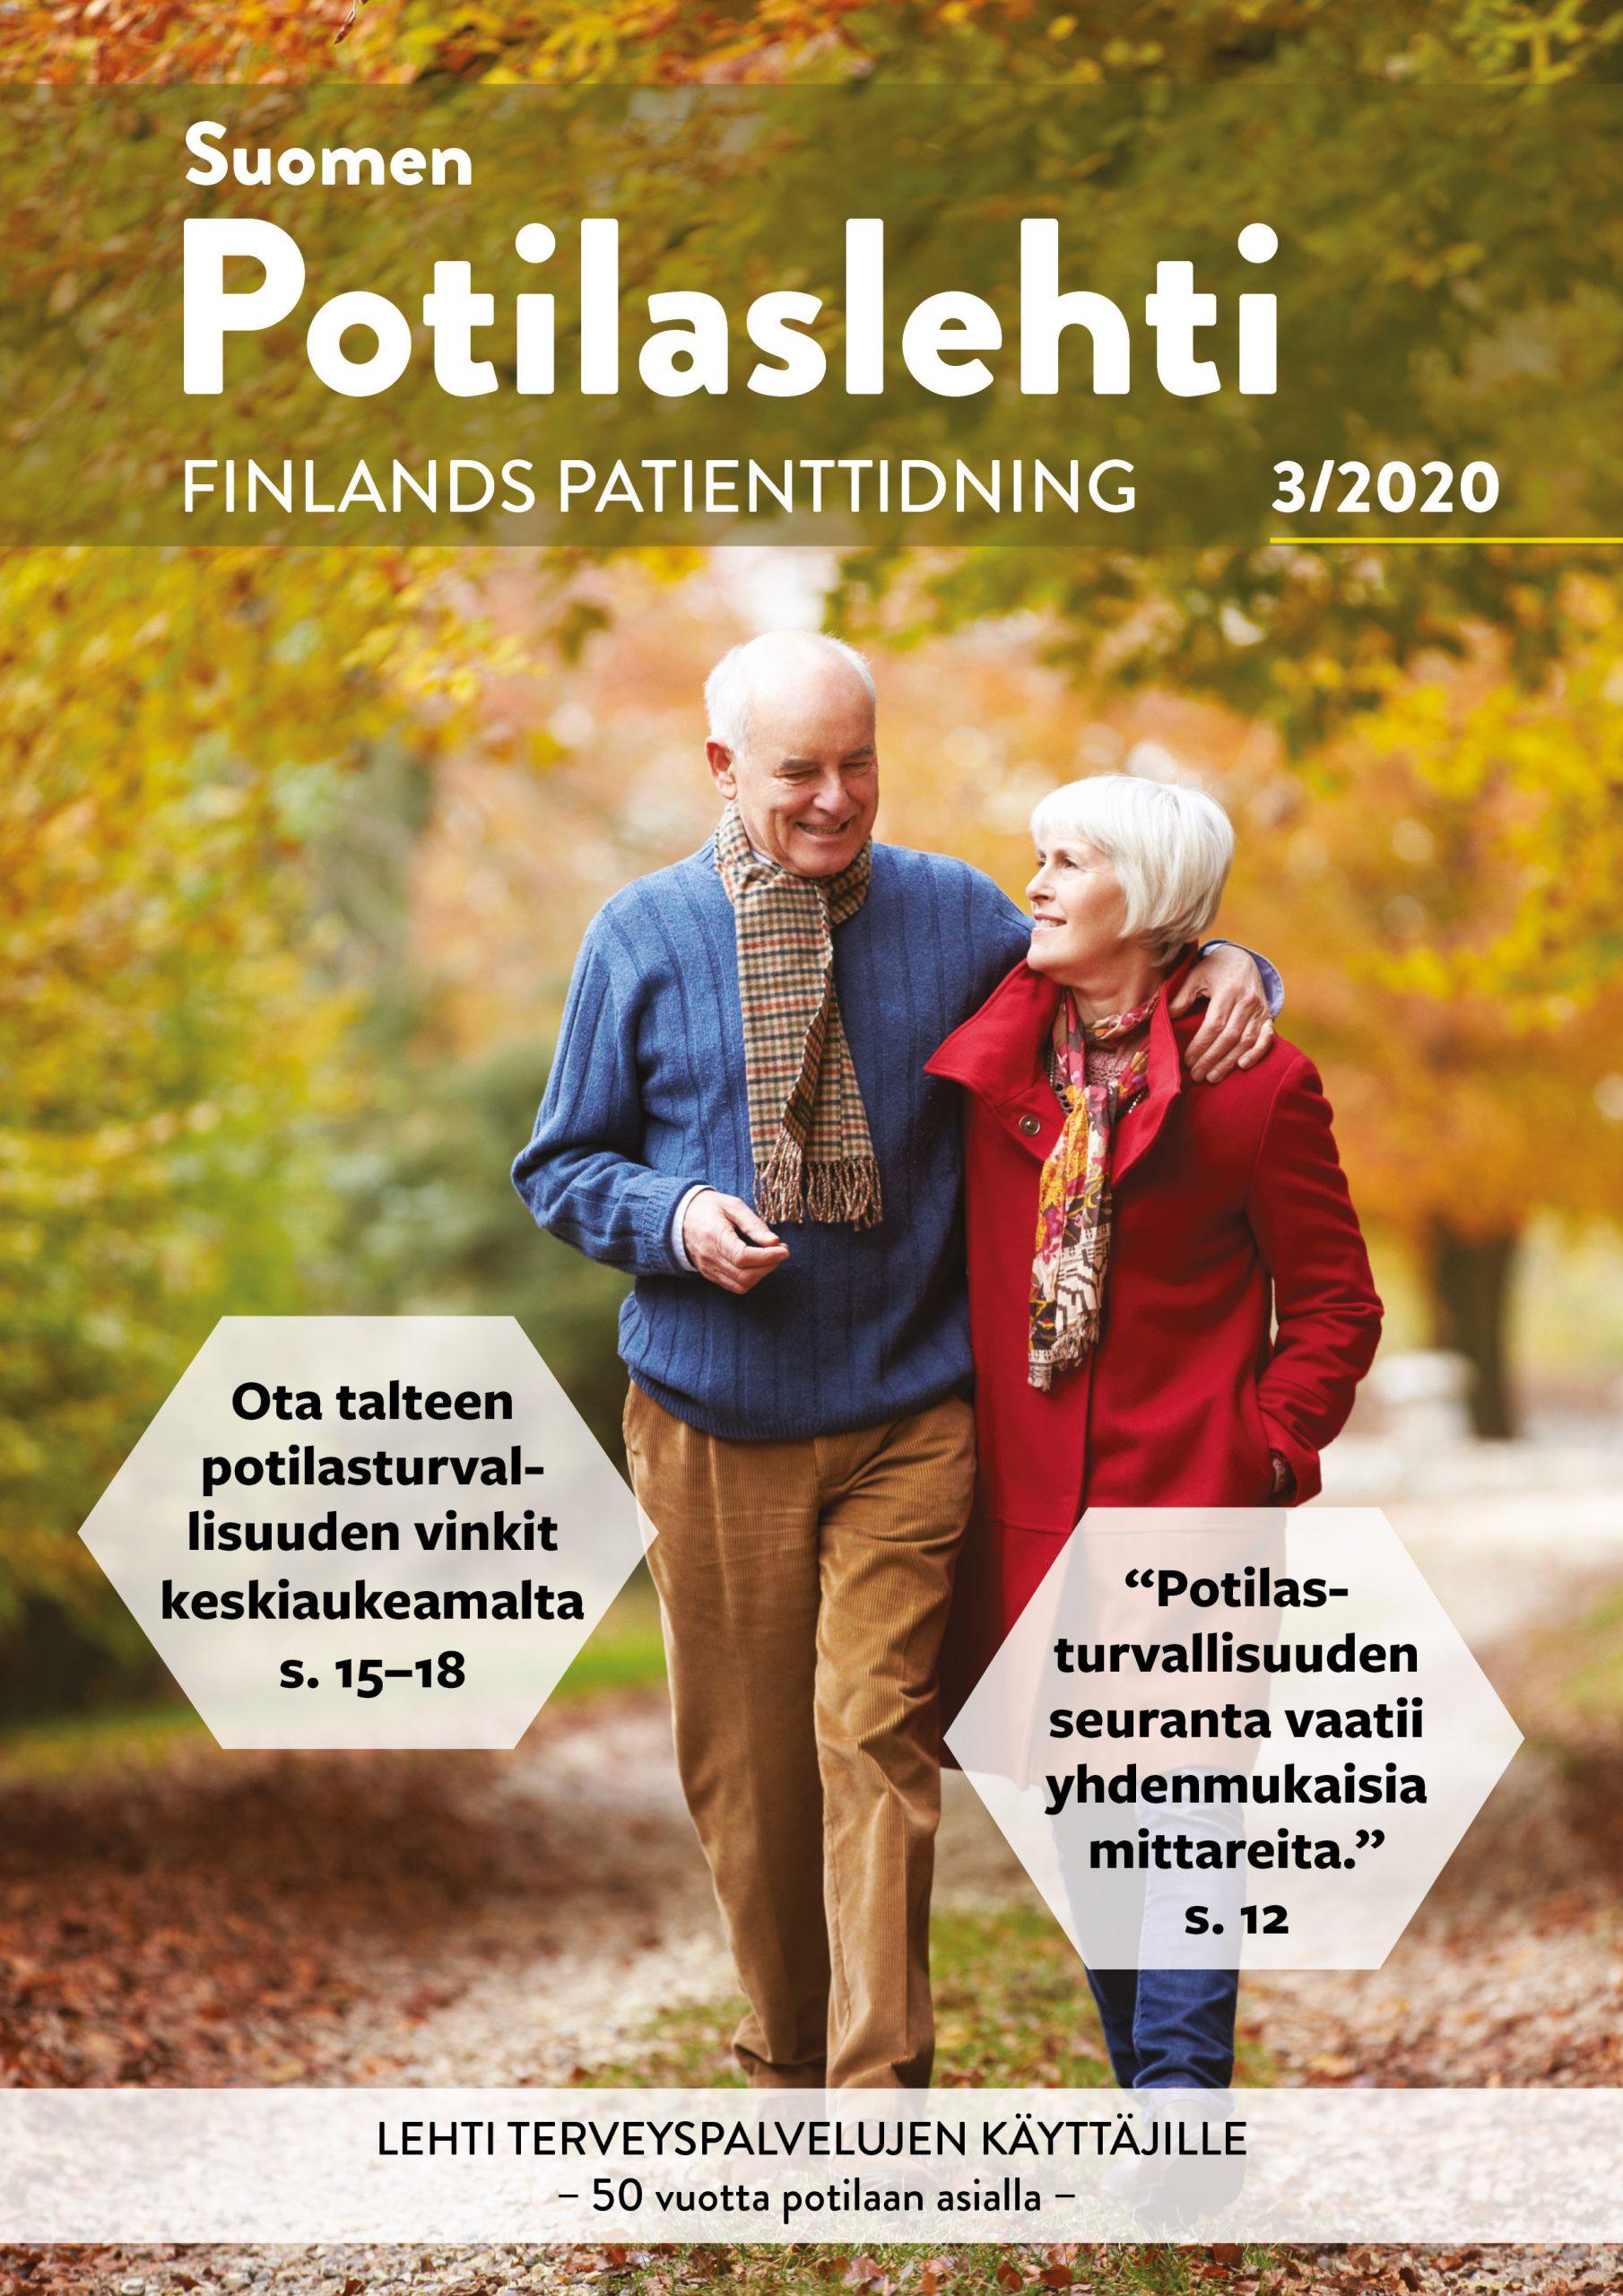 Suomen Potilaslehden numero 3/2020 kansikuva.